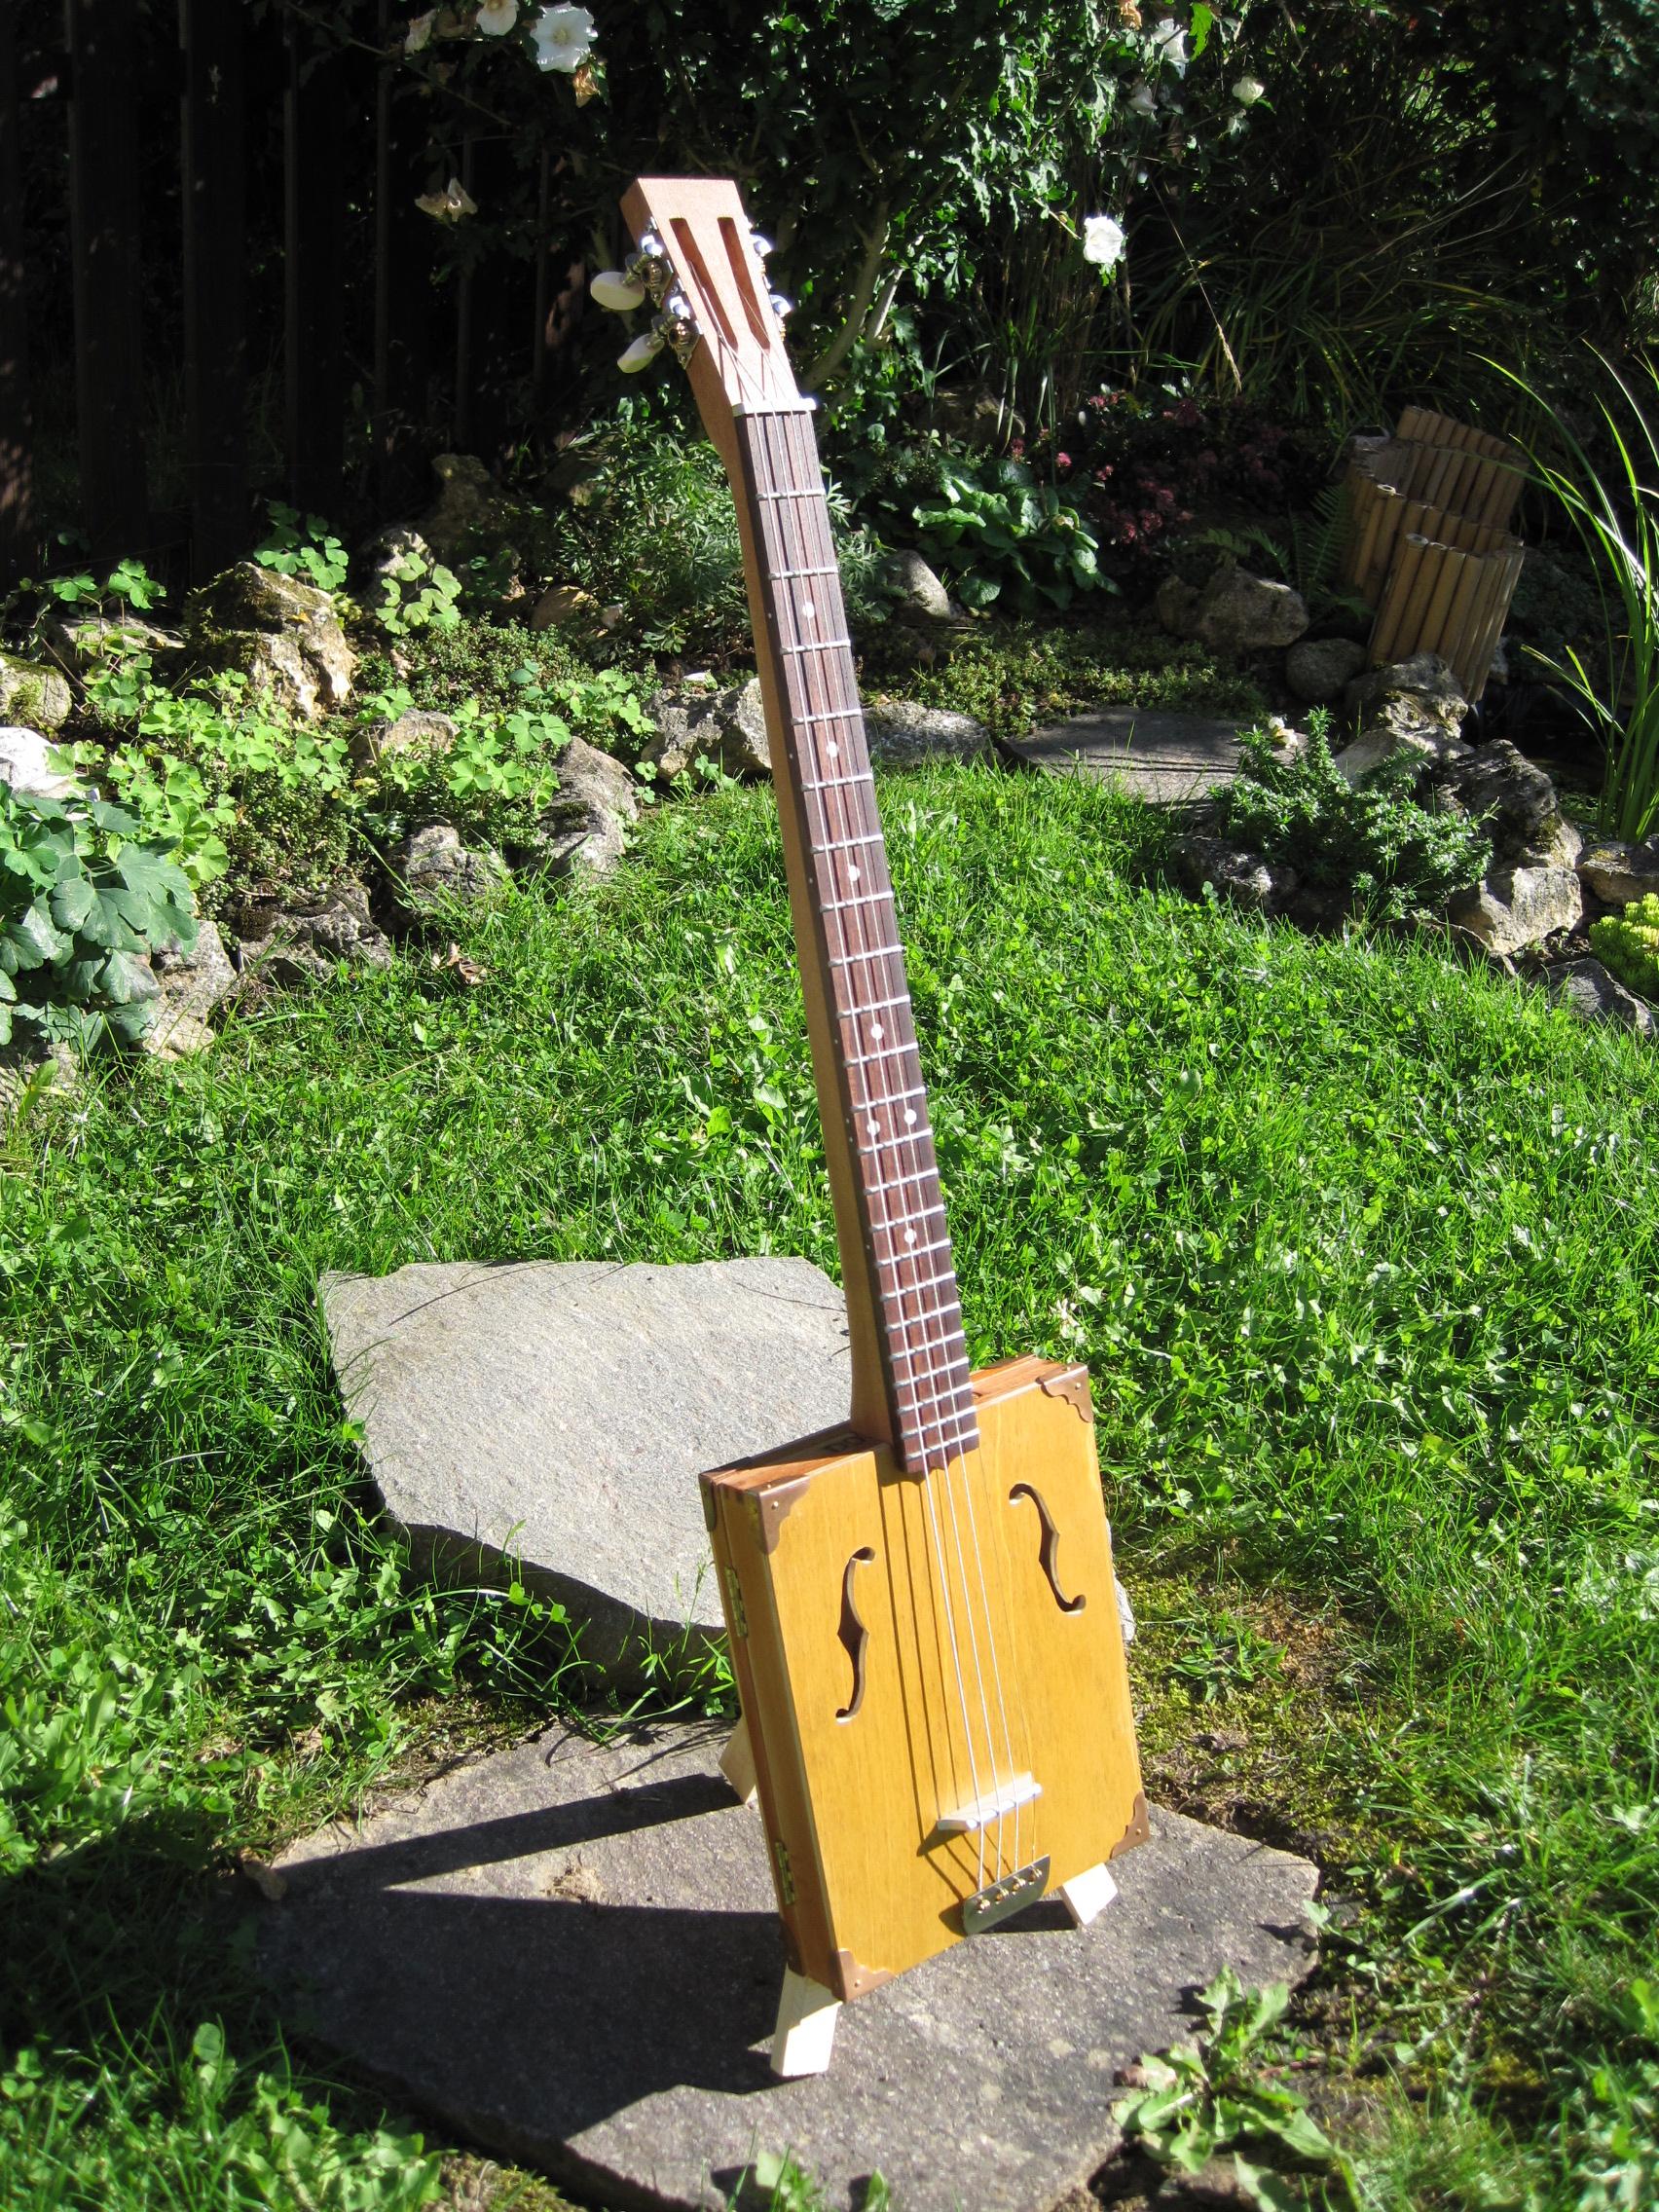 Zigarrocaster - My first cigar box guitar